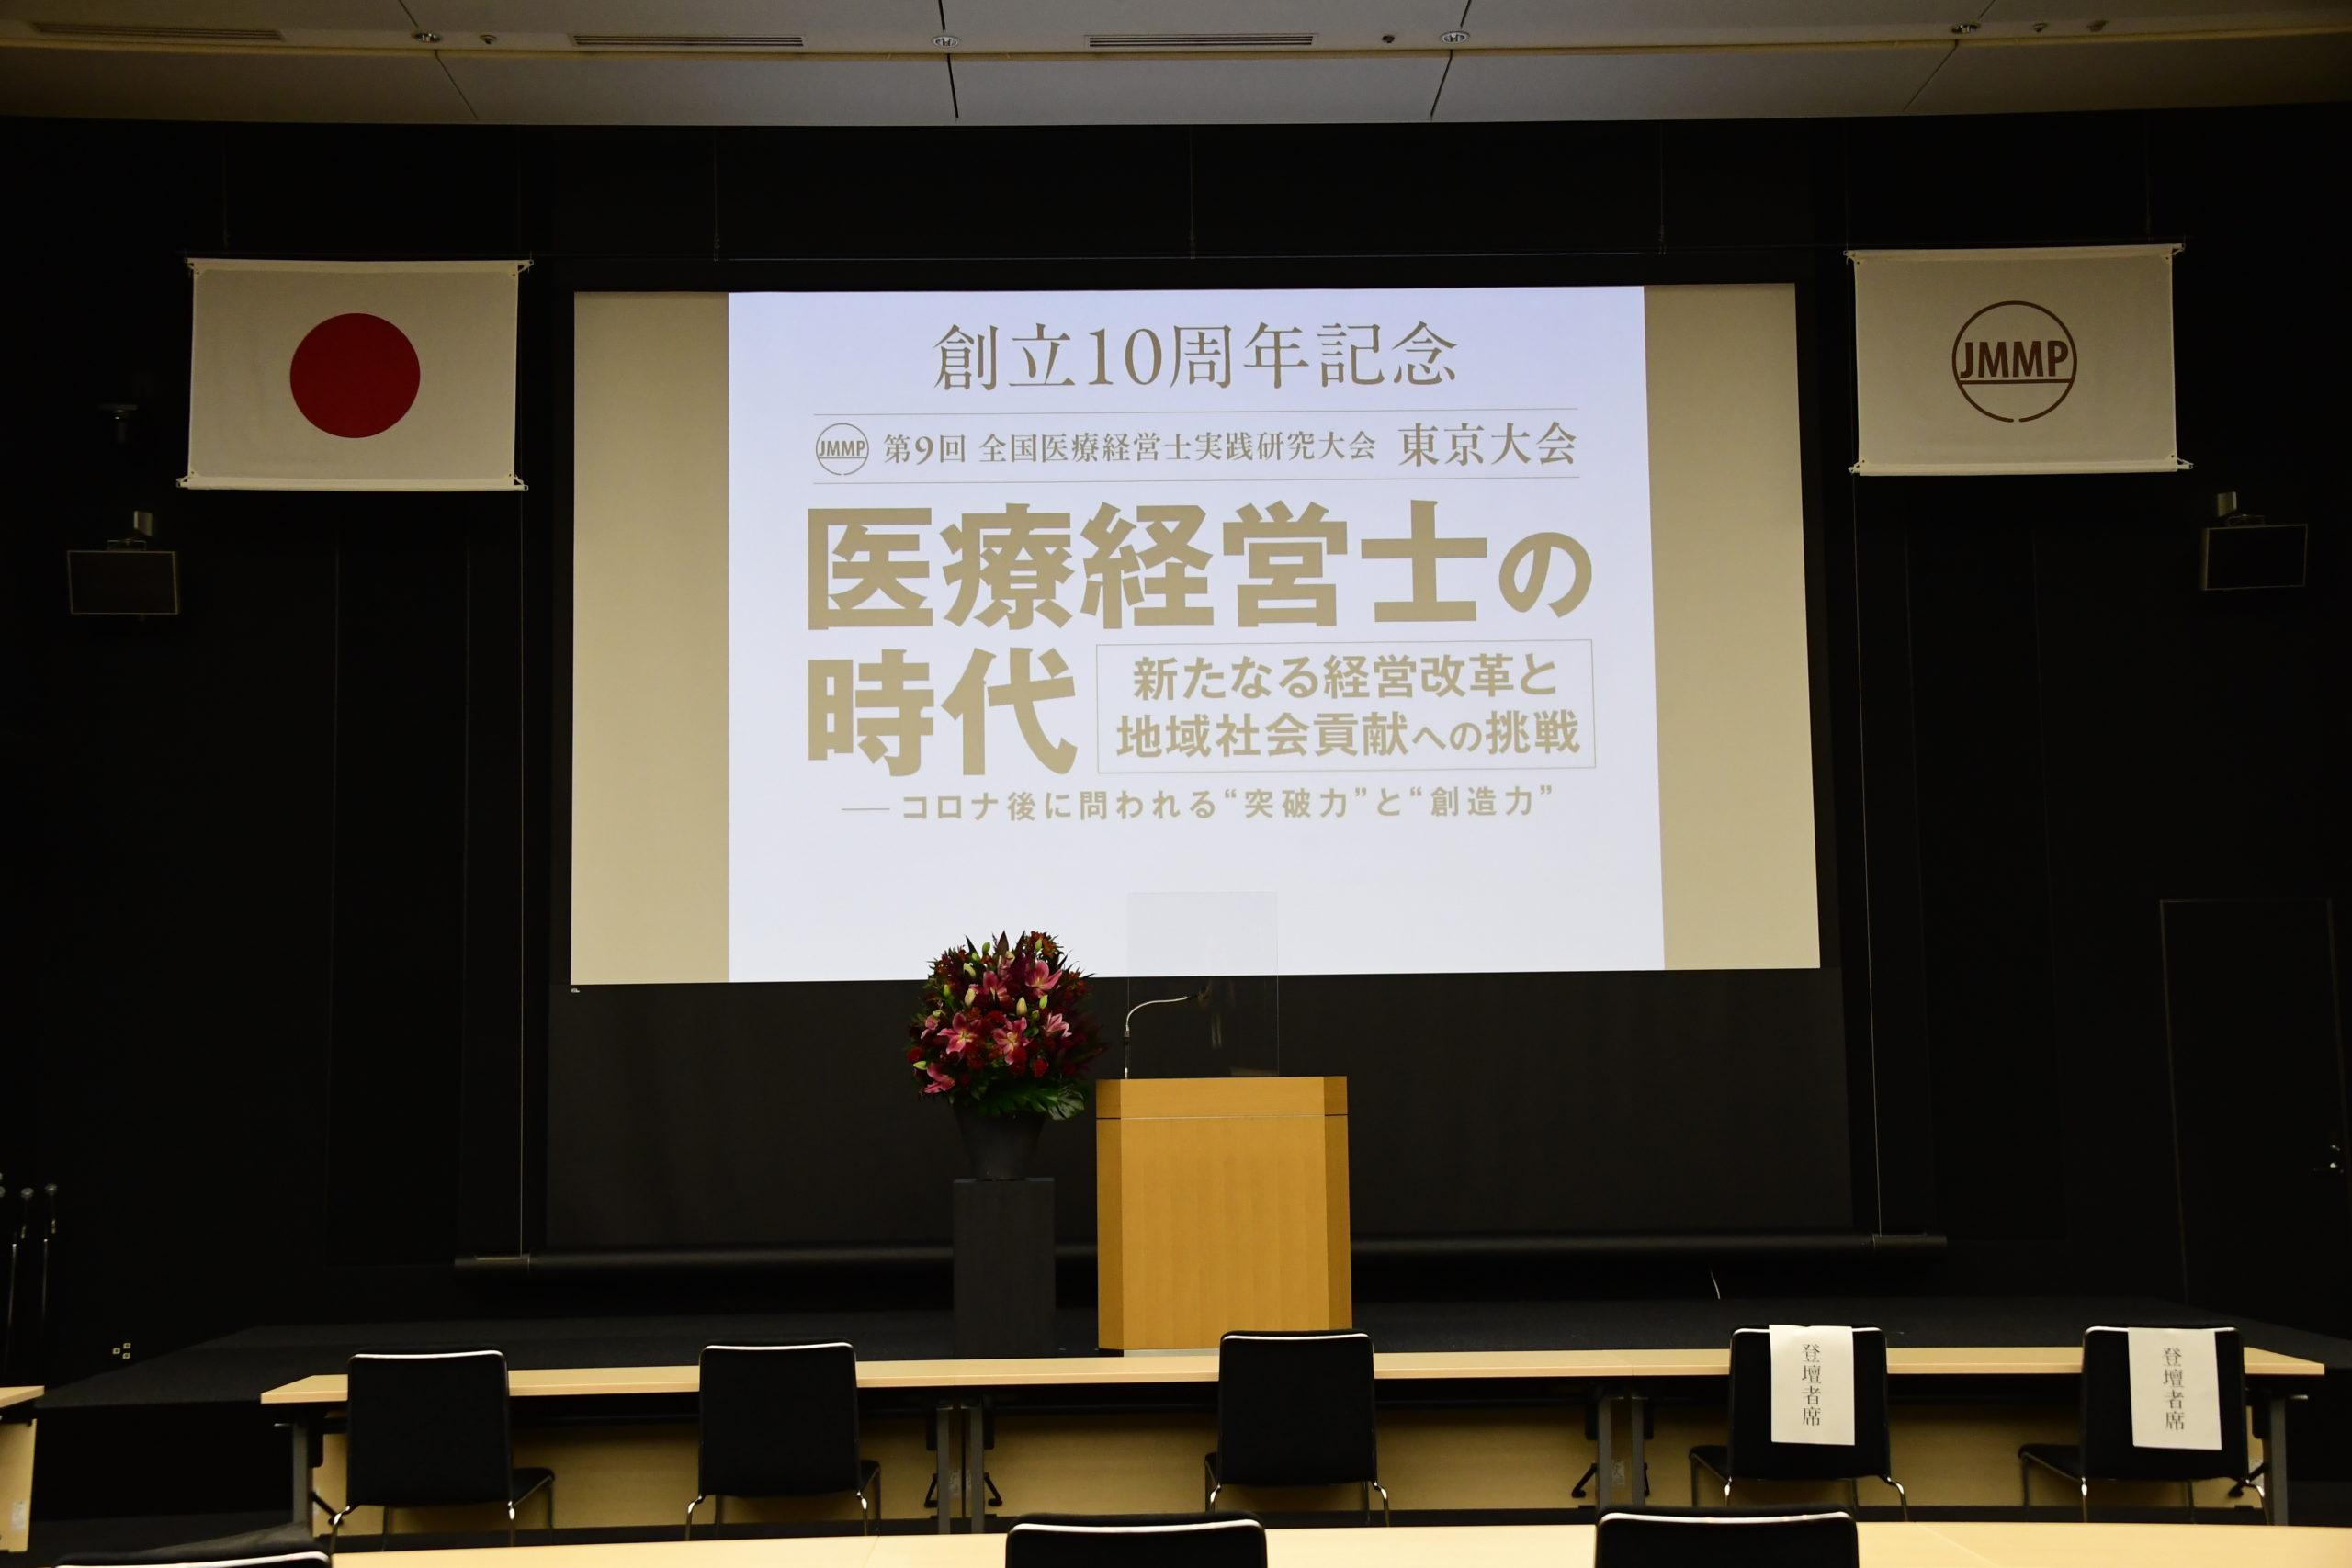 第9回「医療経営士実践研究大会」東京大会 開催!